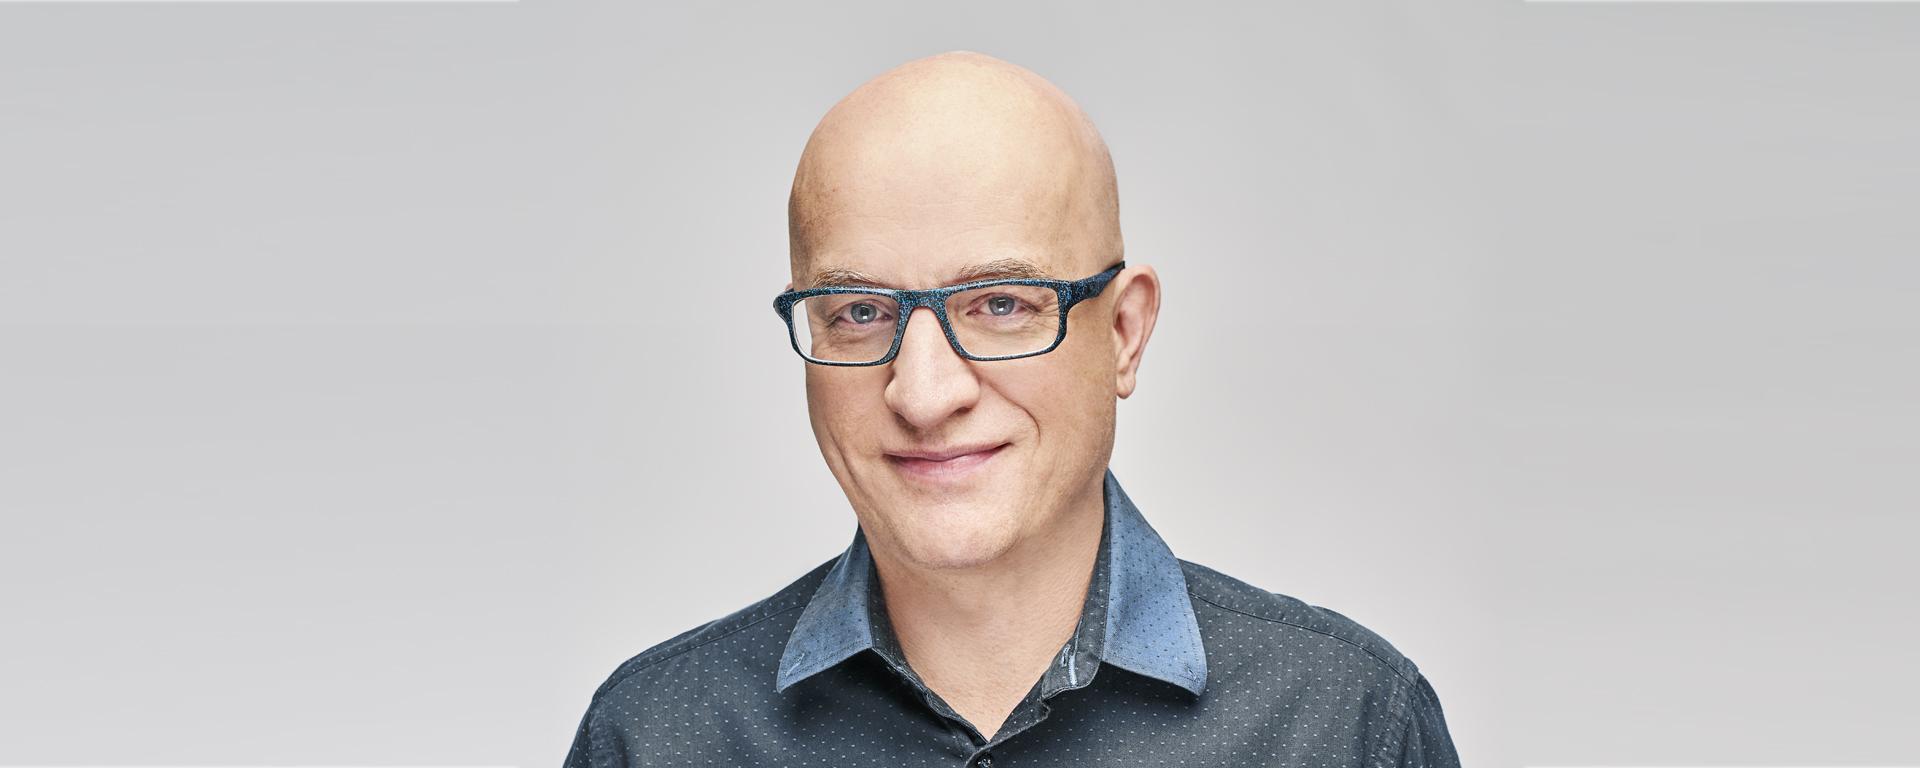 Alain Vadeboncoeur